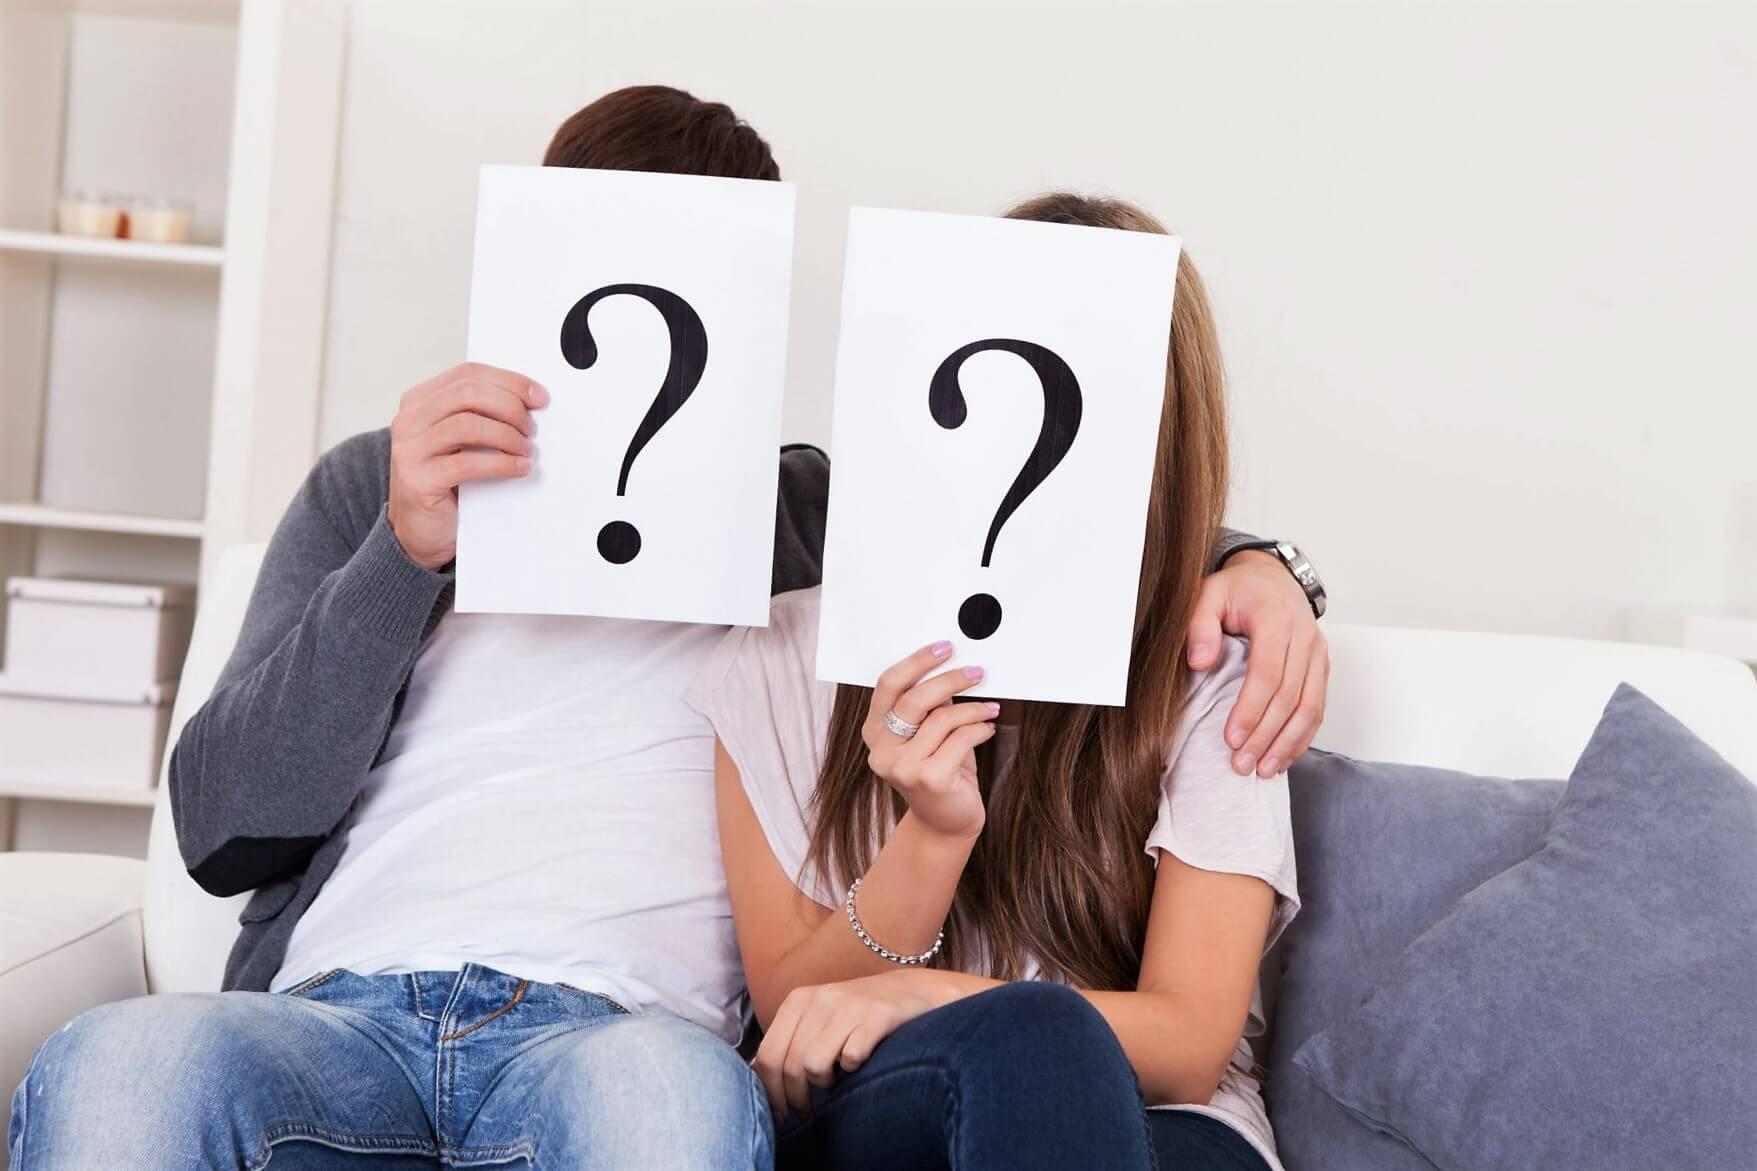 вопросы парню про отношения